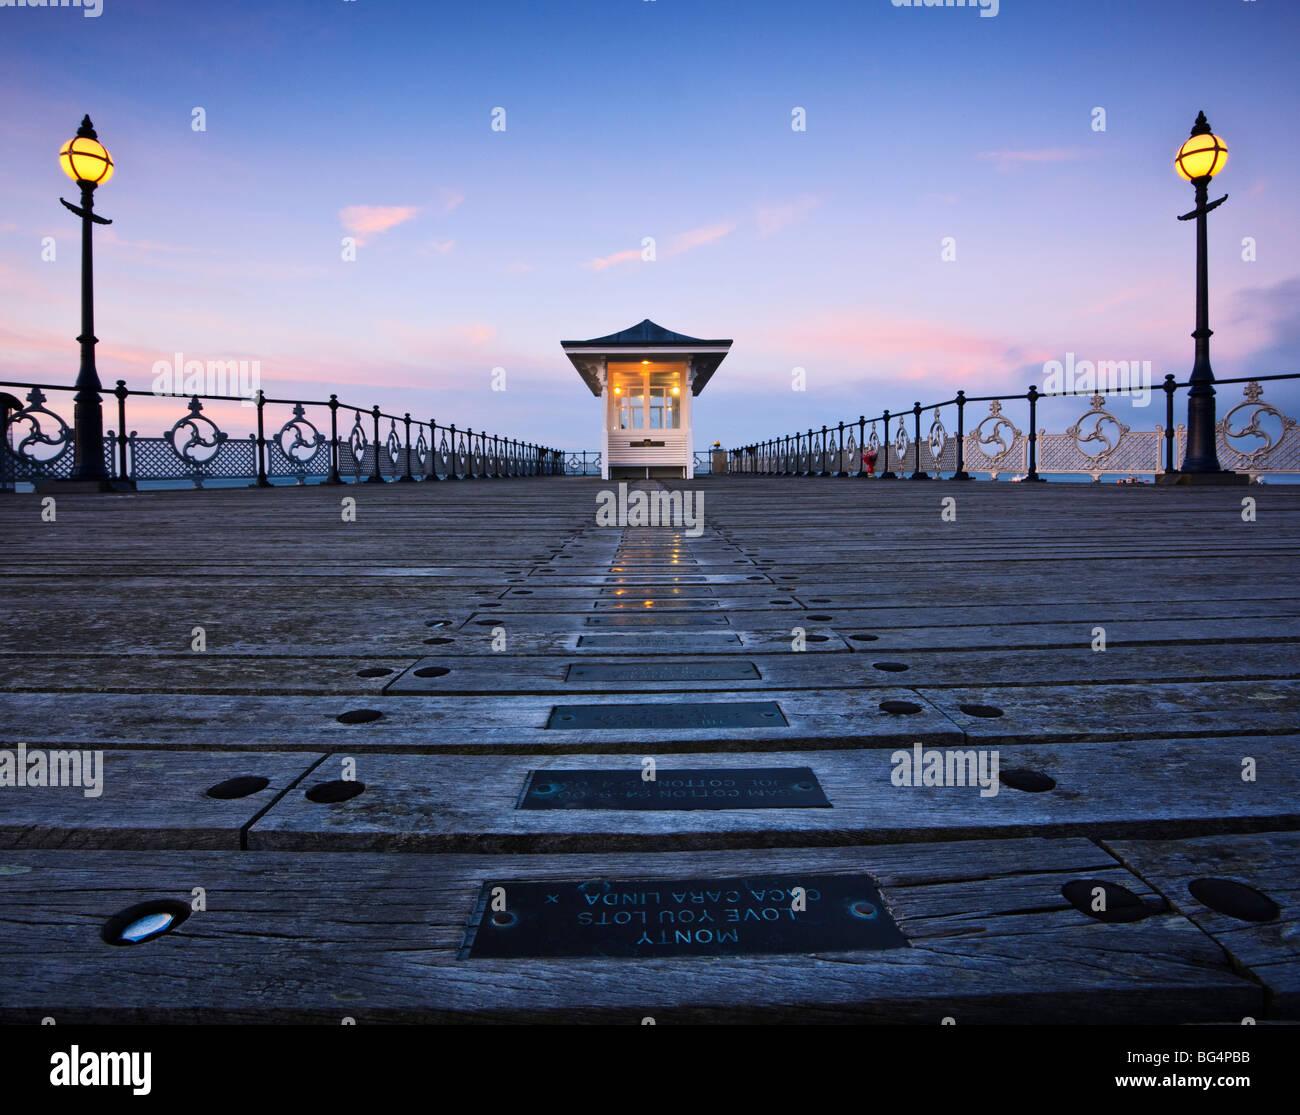 swanage-pier-dorset-uk-at-dusk-BG4PBB.jp